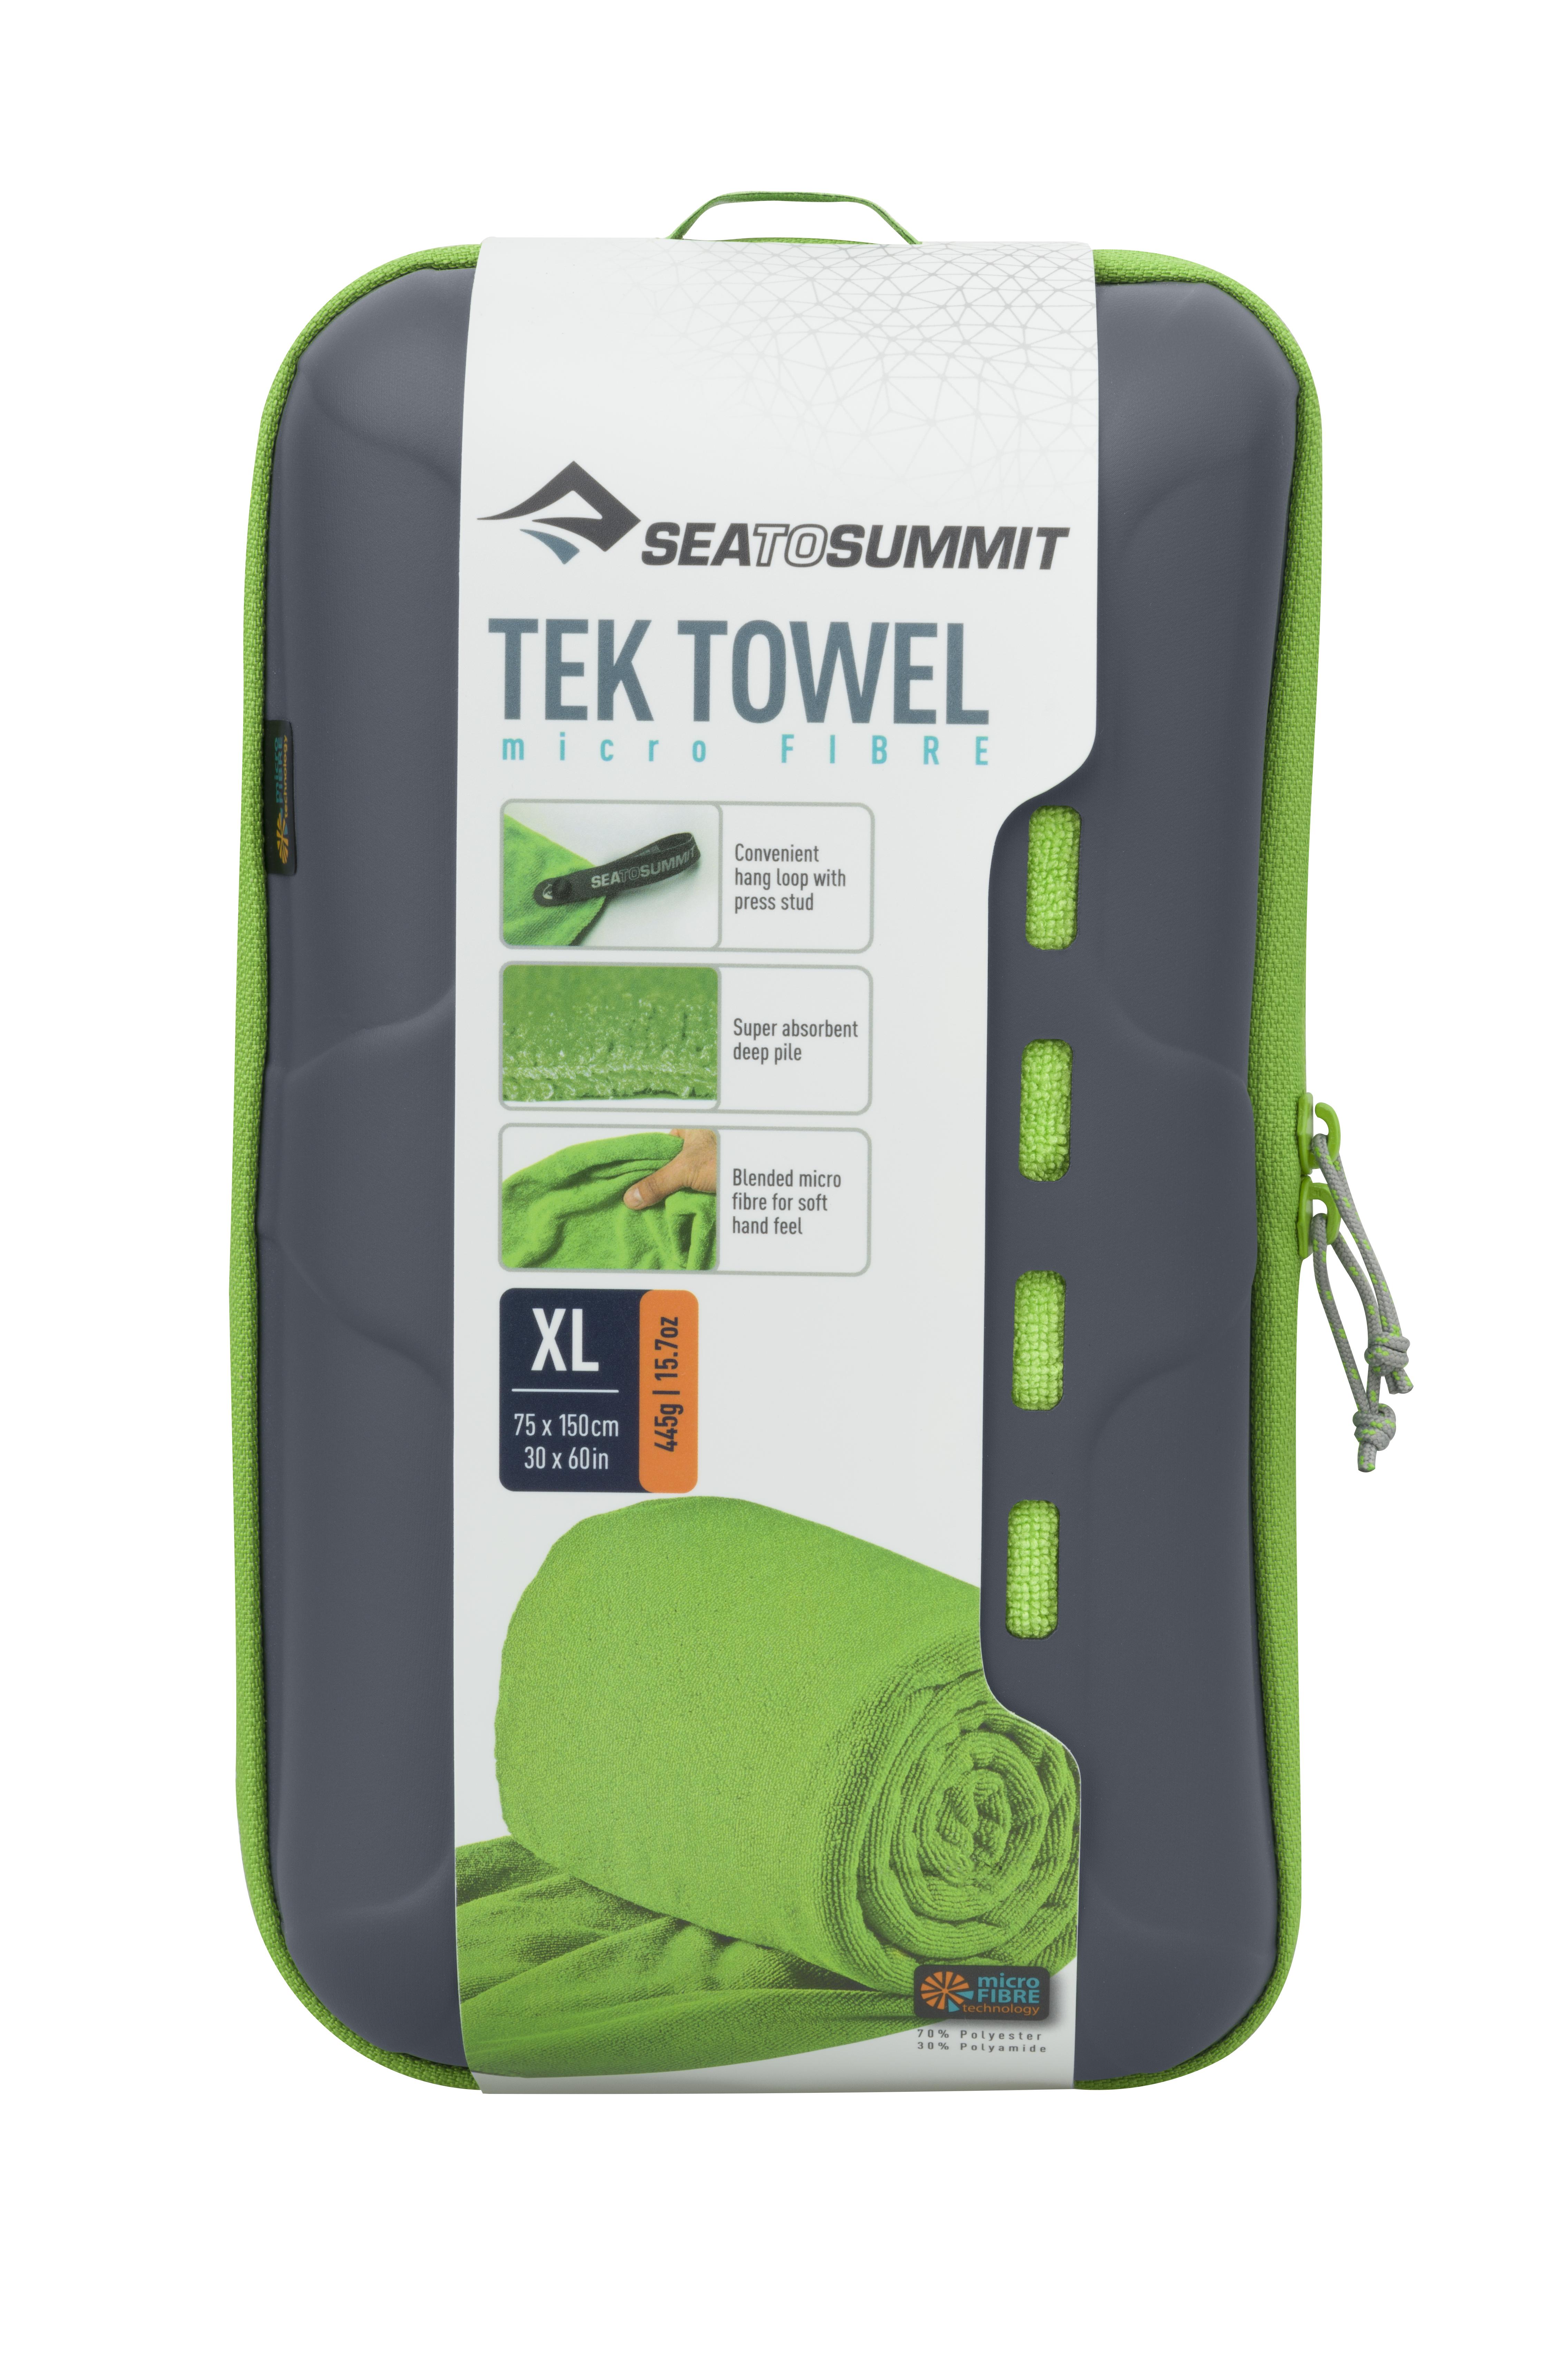 Полотенце Tek Towel 75cm x150cm Sea To Summit — фото 3